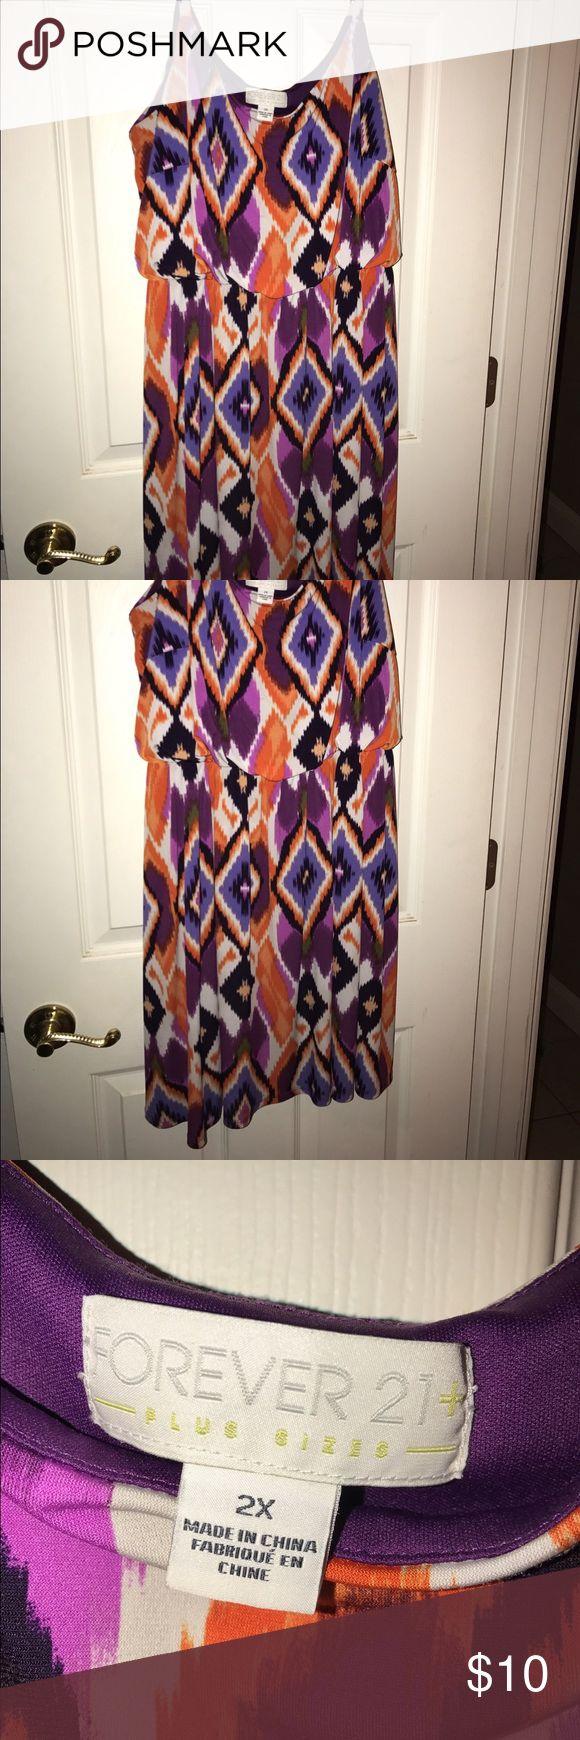 Short Maxi Dress Bright colorful short maxi dress Forever 21 Dresses Mini